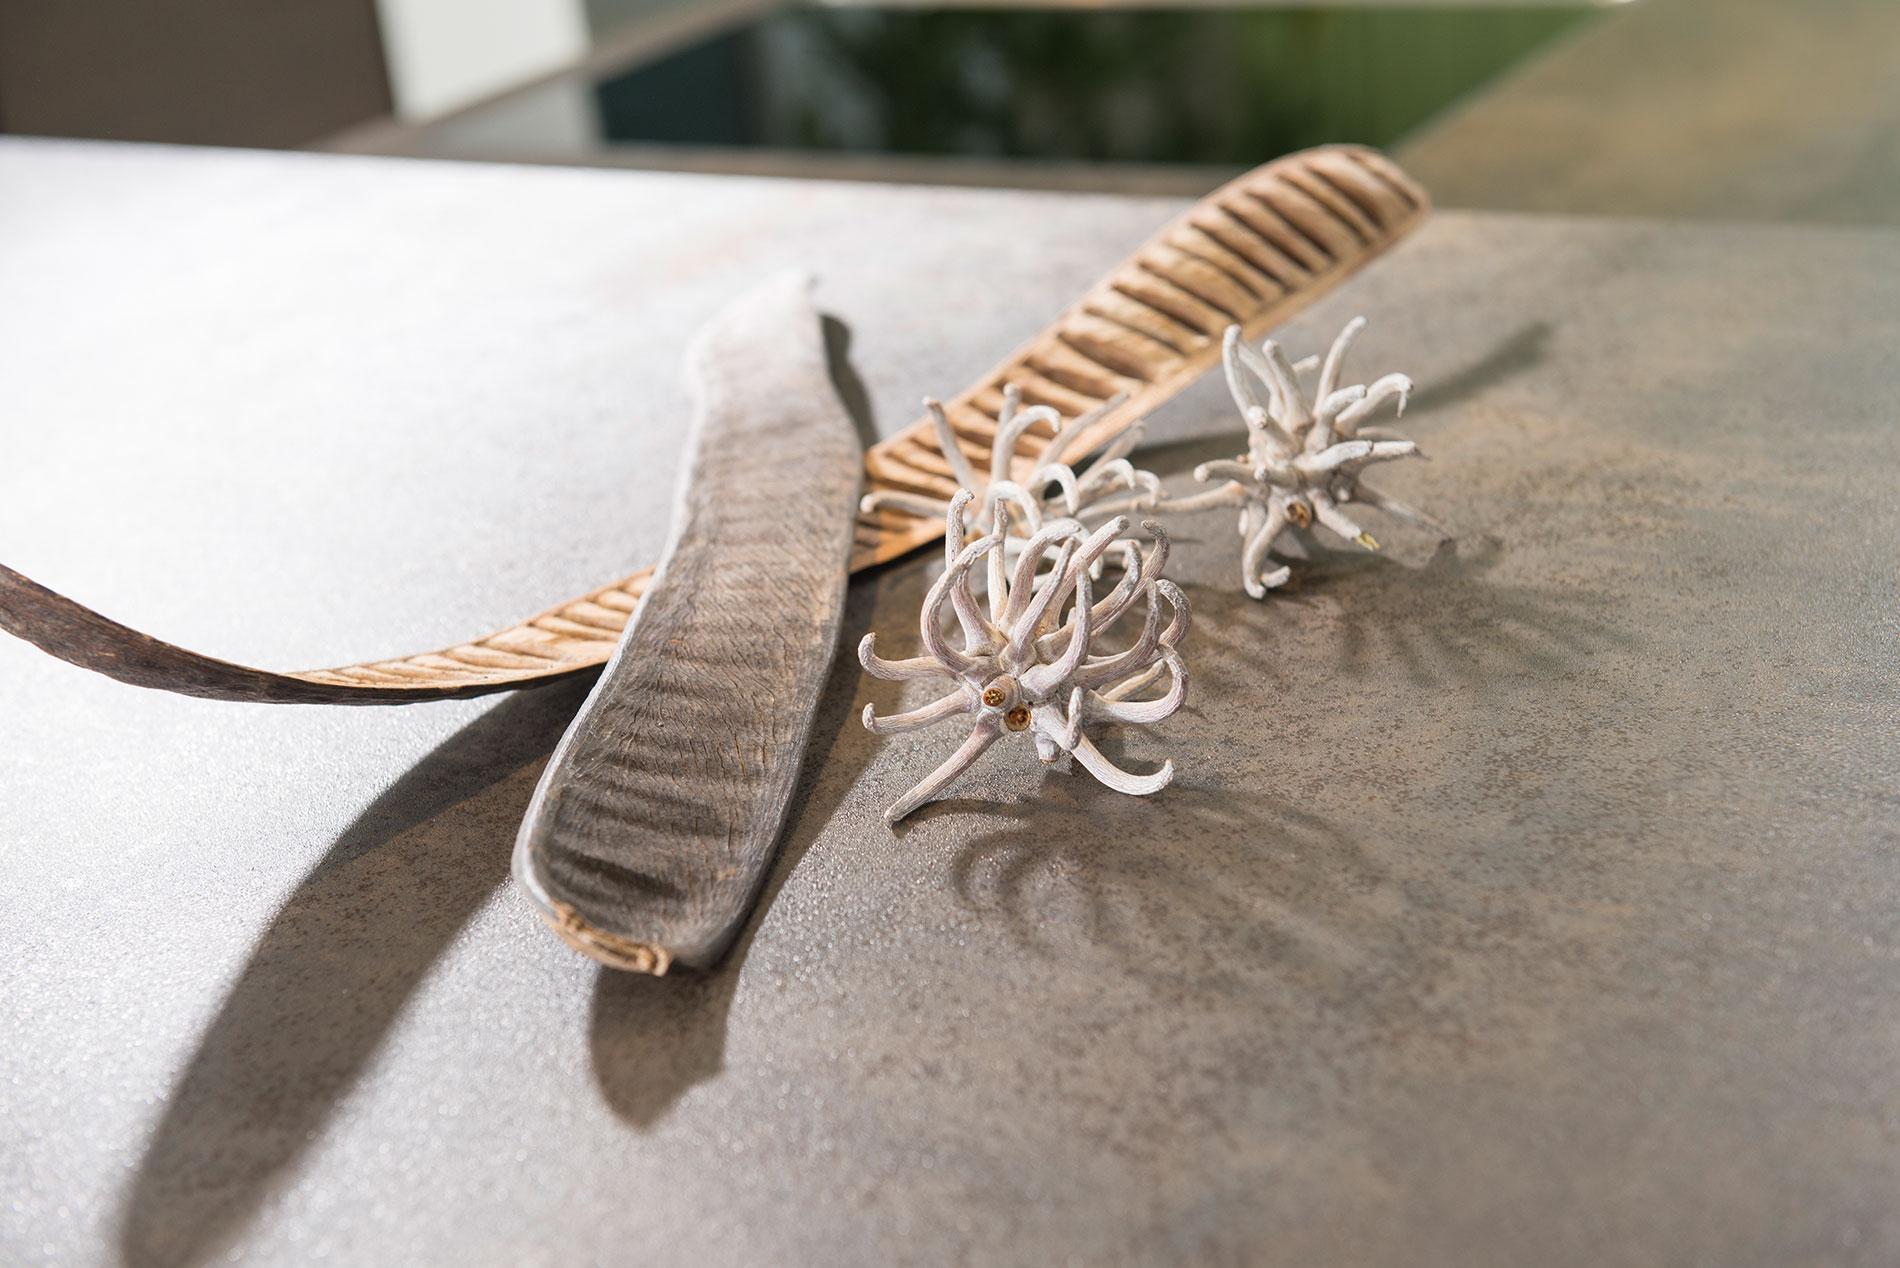 Keramik-Küchenarbeitsplatte